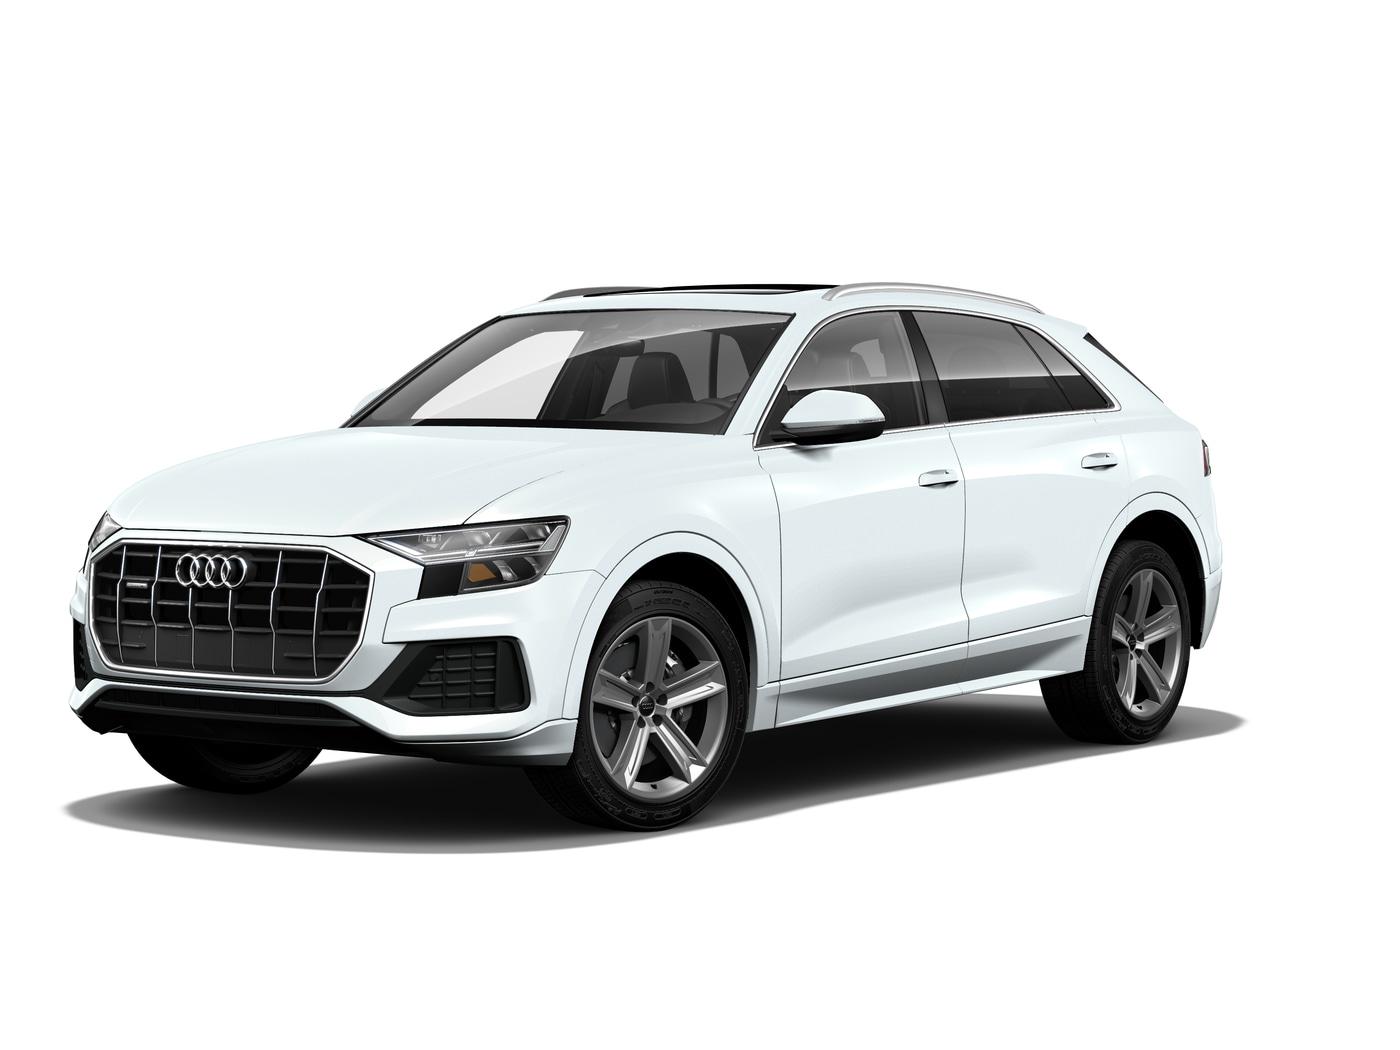 2020 Audi Q8 SUV